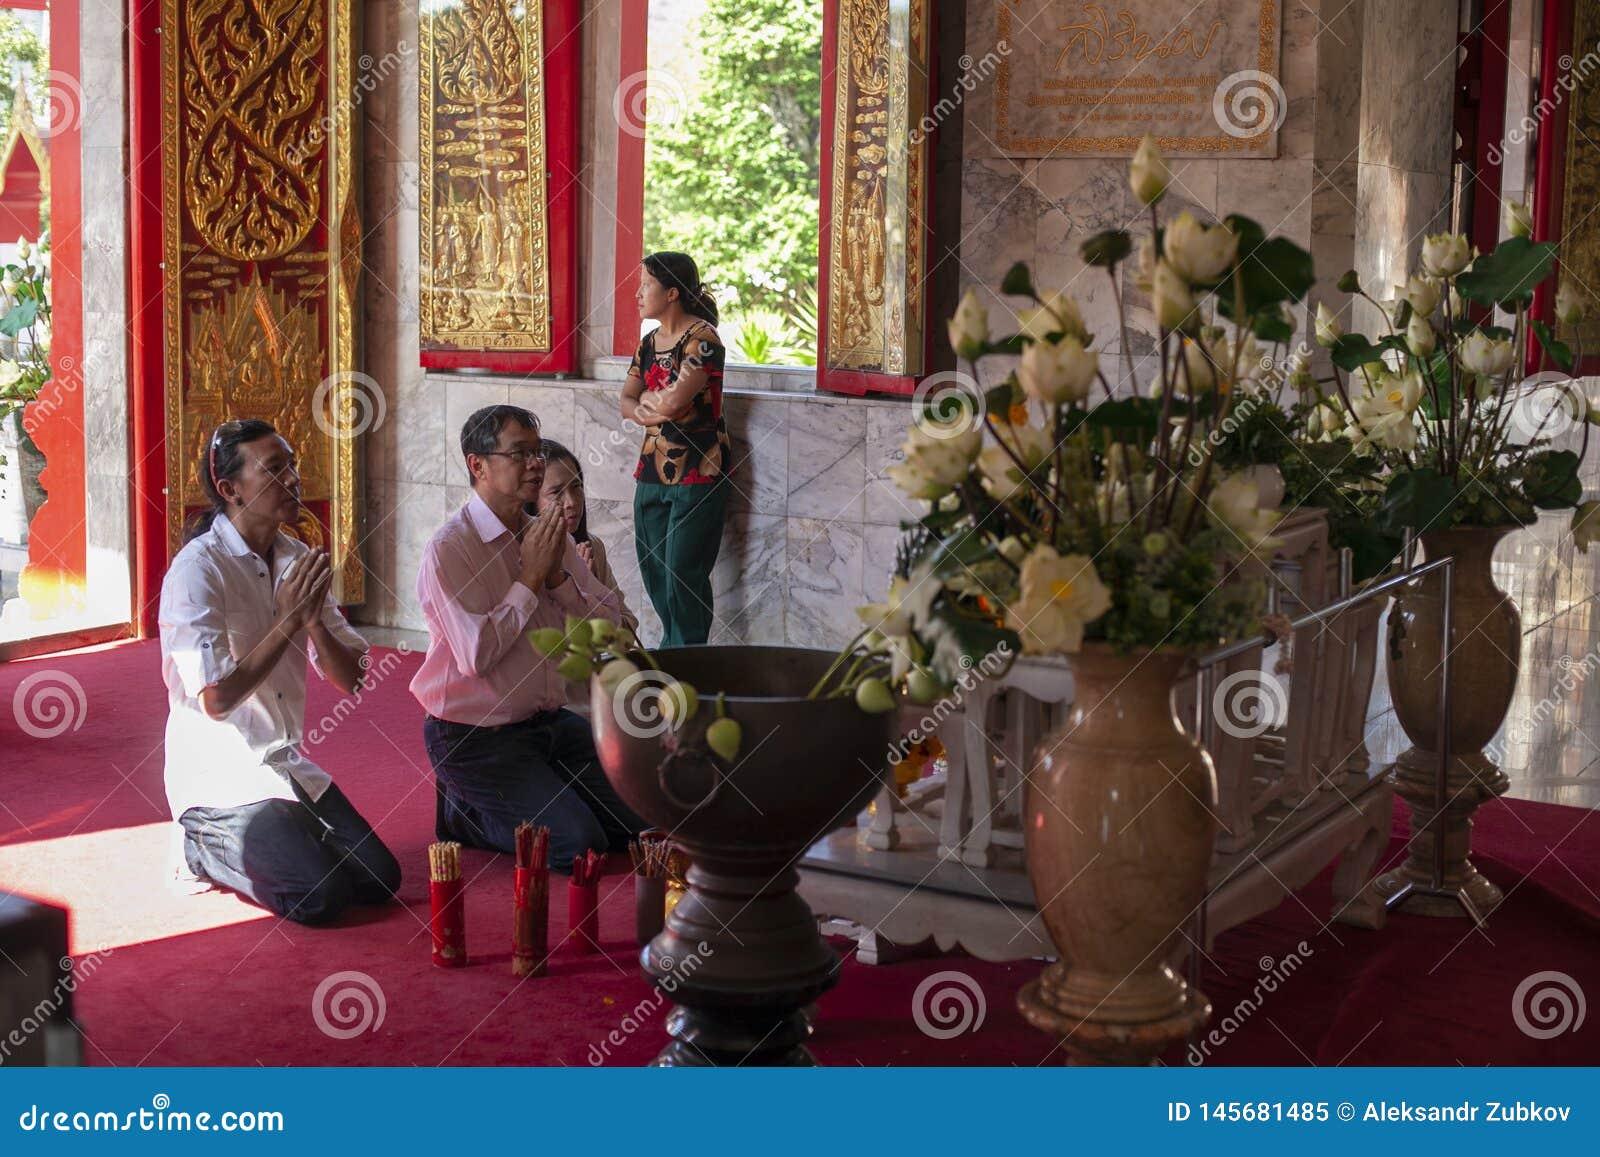 Ταϊλάνδη, Phuket, 01 18 2013 Ένα άτομο και η οικογένειά του προσεύχονται σε έναν βουδιστικό ναό το πρωί Η έννοια της θρησκείας